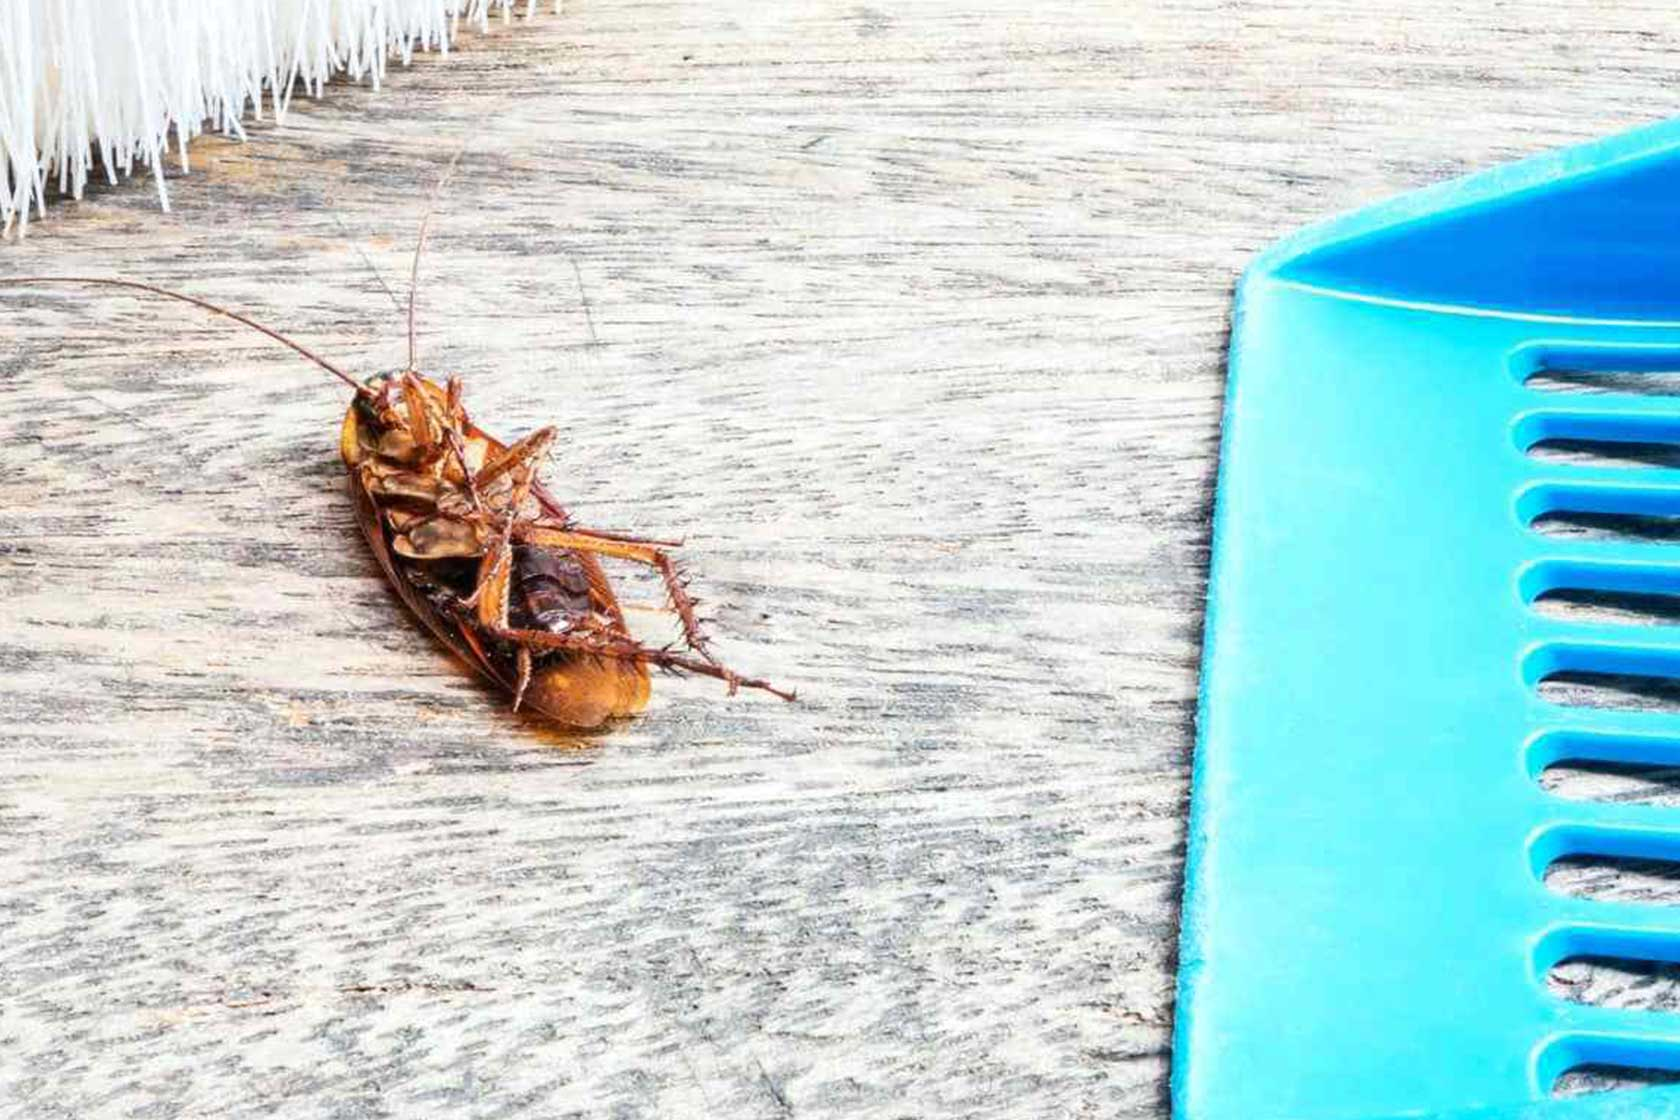 Böceklerden kurtulmanın yolları